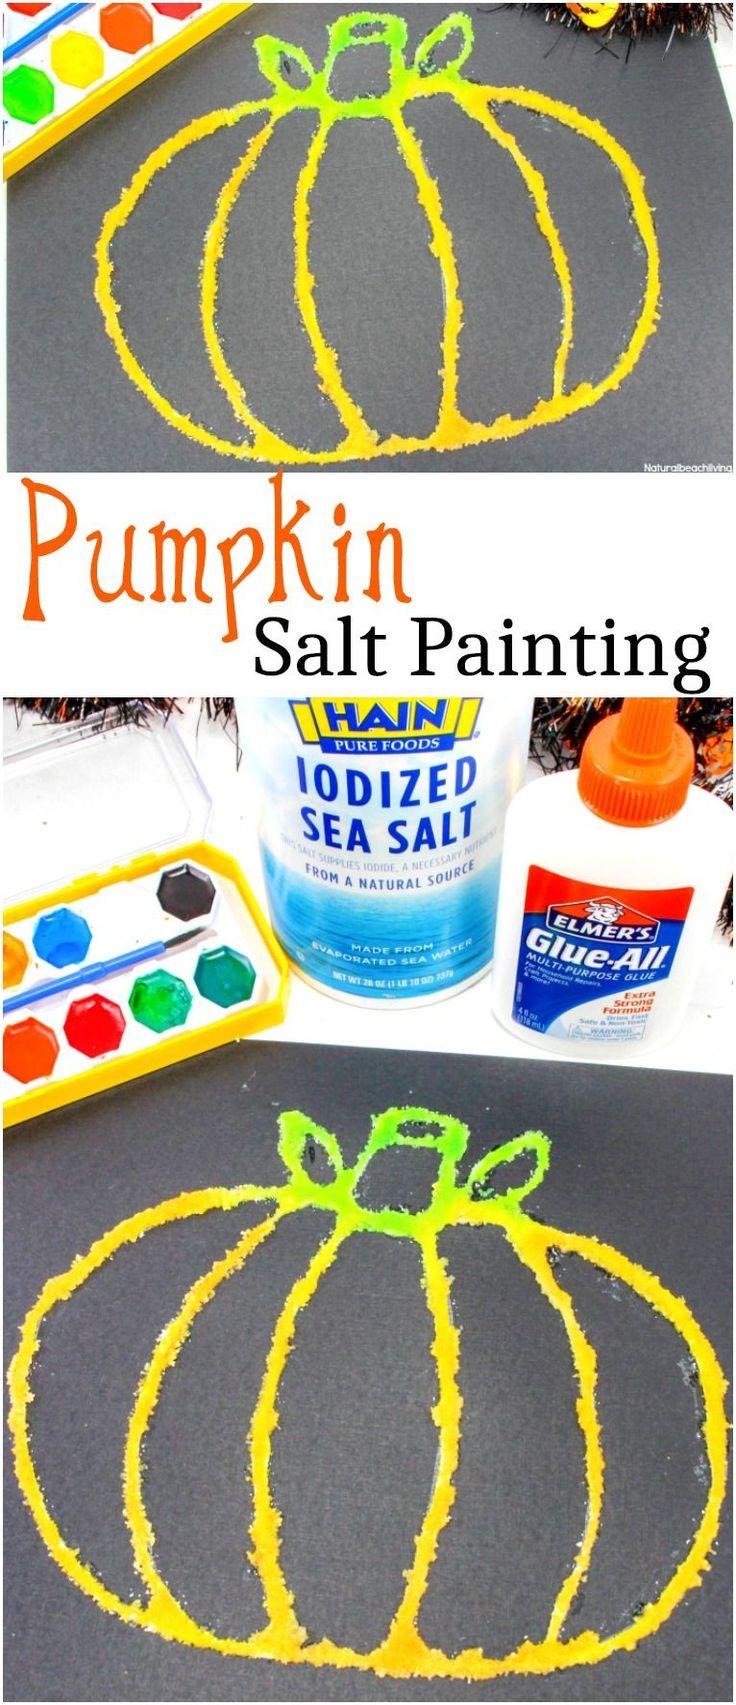 How to Make The Best Halloween Pumpkin Salt Painting, Pumpkin Salt Painting for Preschoolers, Pumpkin Preschool Theme, Fun Fall Pumpkin craft kids love, Kids art and crafts, #pumpkincrafts #Halloween